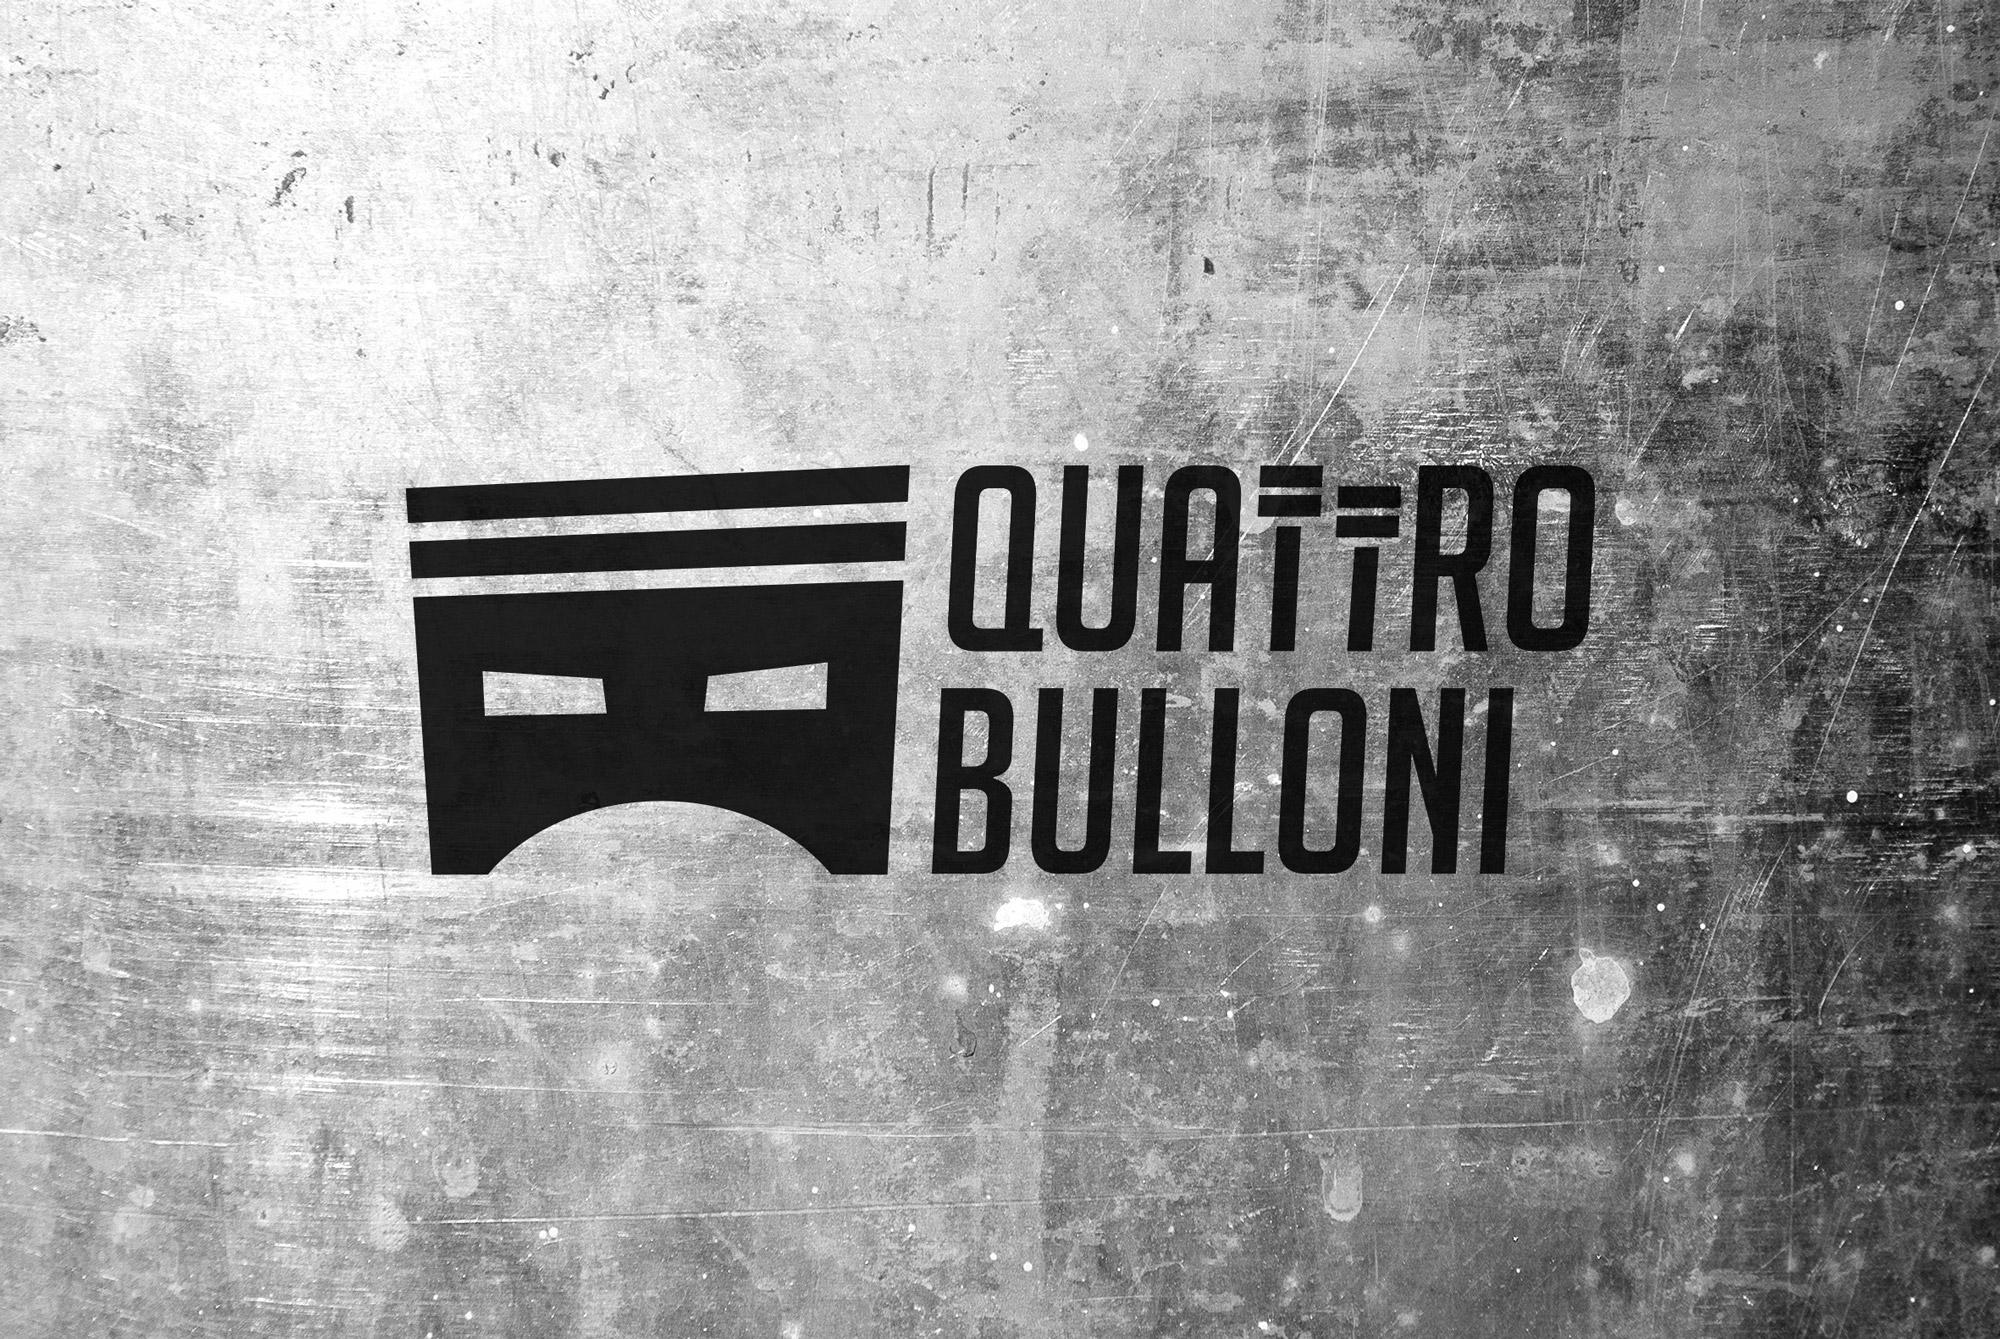 logo Quattrobulloni